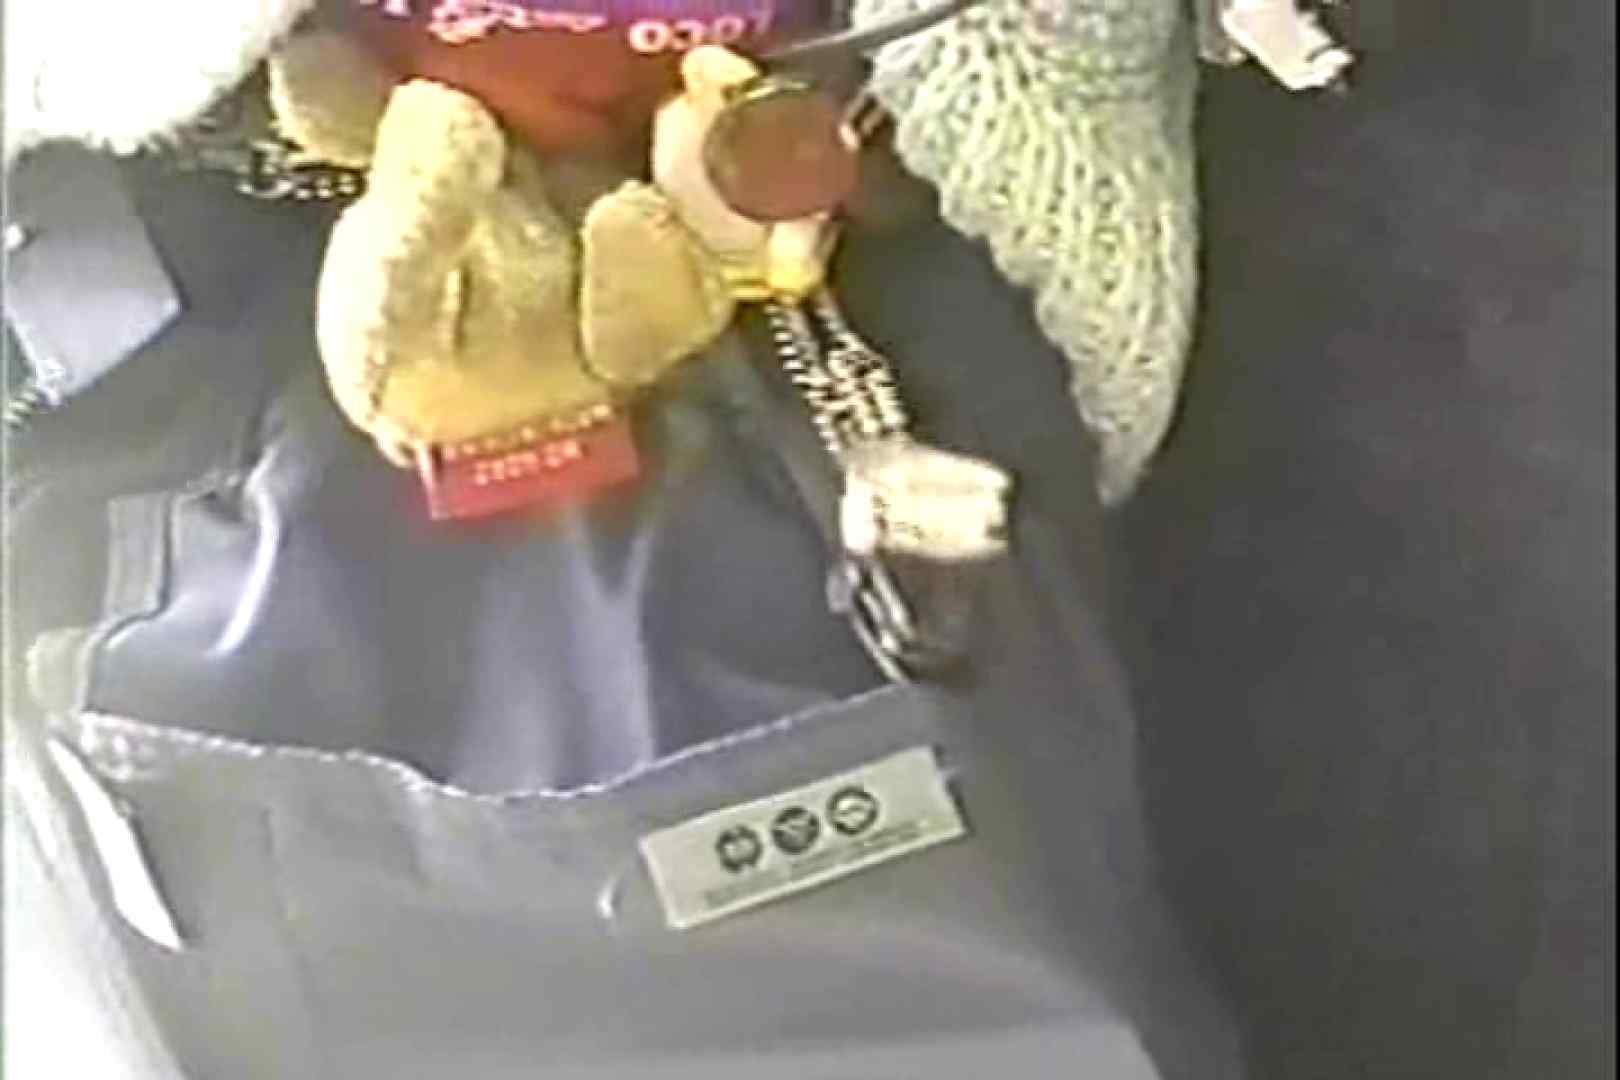 「ちくりん」さんのオリジナル未編集パンチラVol.3_02 チラ | 盗撮特集  87画像 57